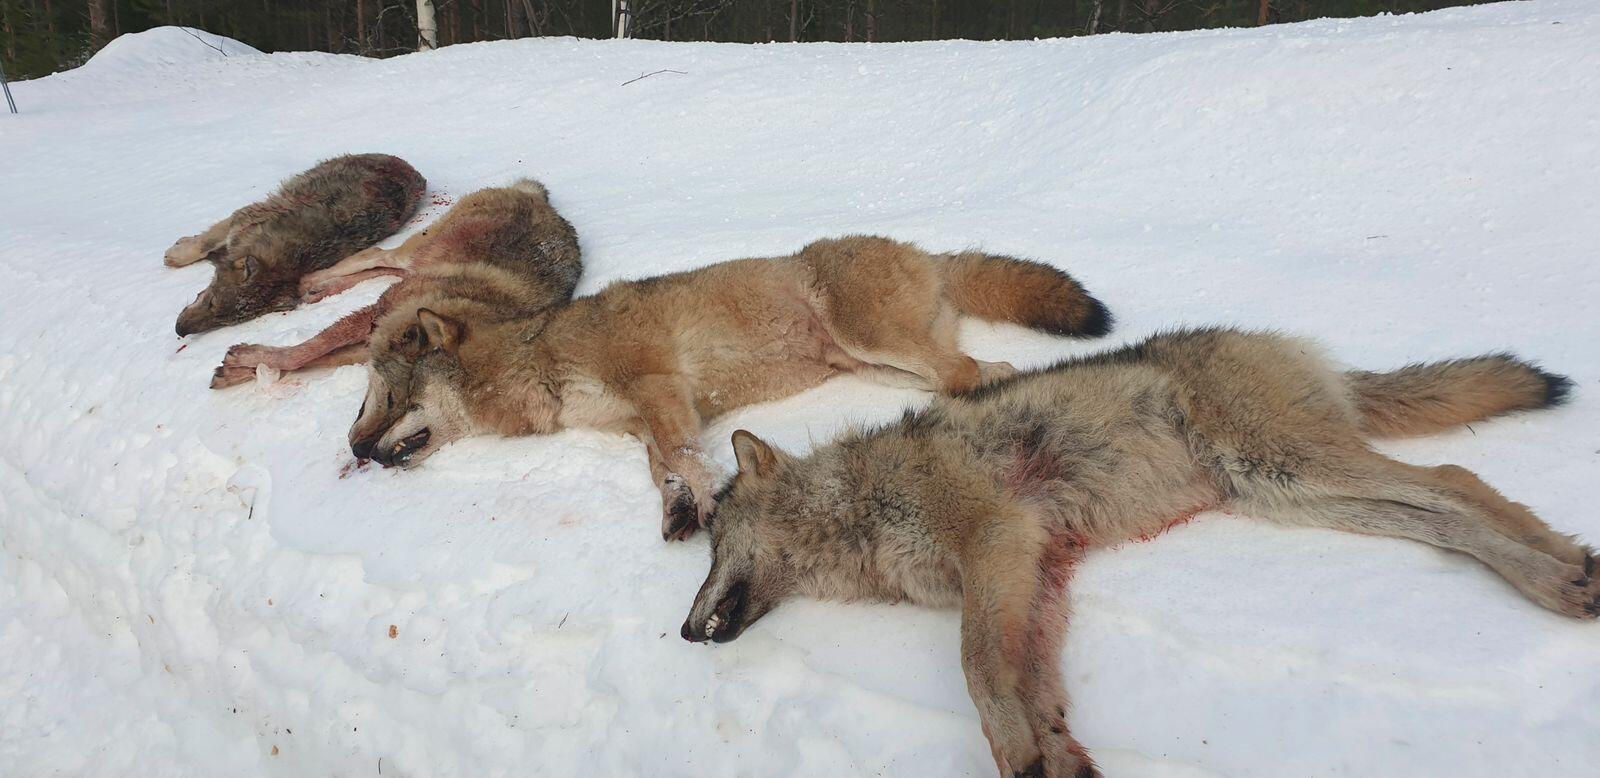 Tidligere i år ga Oslo tingrett Noah medhold i saken organisasjonen anla mot staten etter vedtaket om lisensfelling av alle ulvene i Letjenna-reviret i Elverum. Nå har staten anket dommen. Foto: Statens naturoppsyn/NTB scanpix